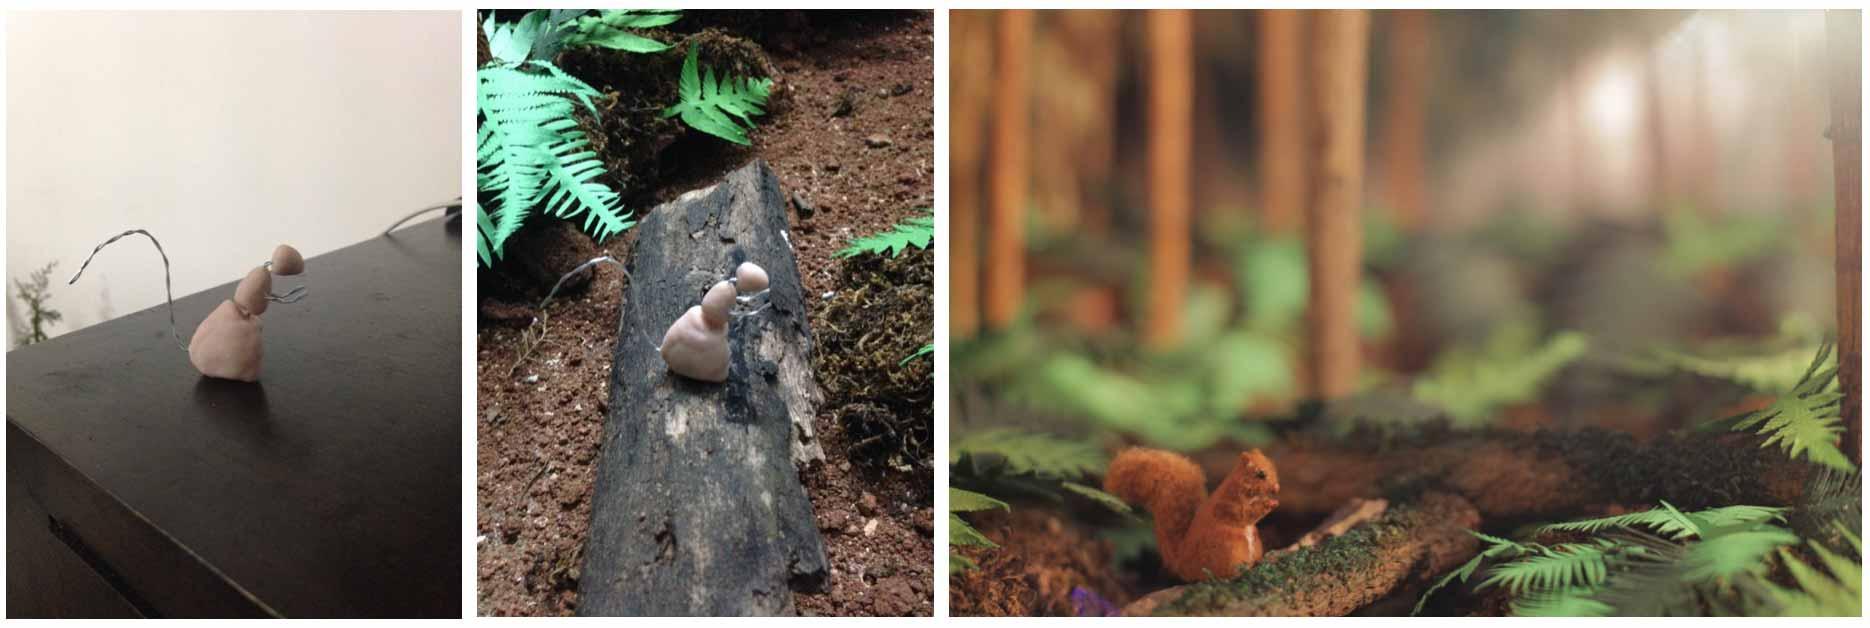 Prop squirrel